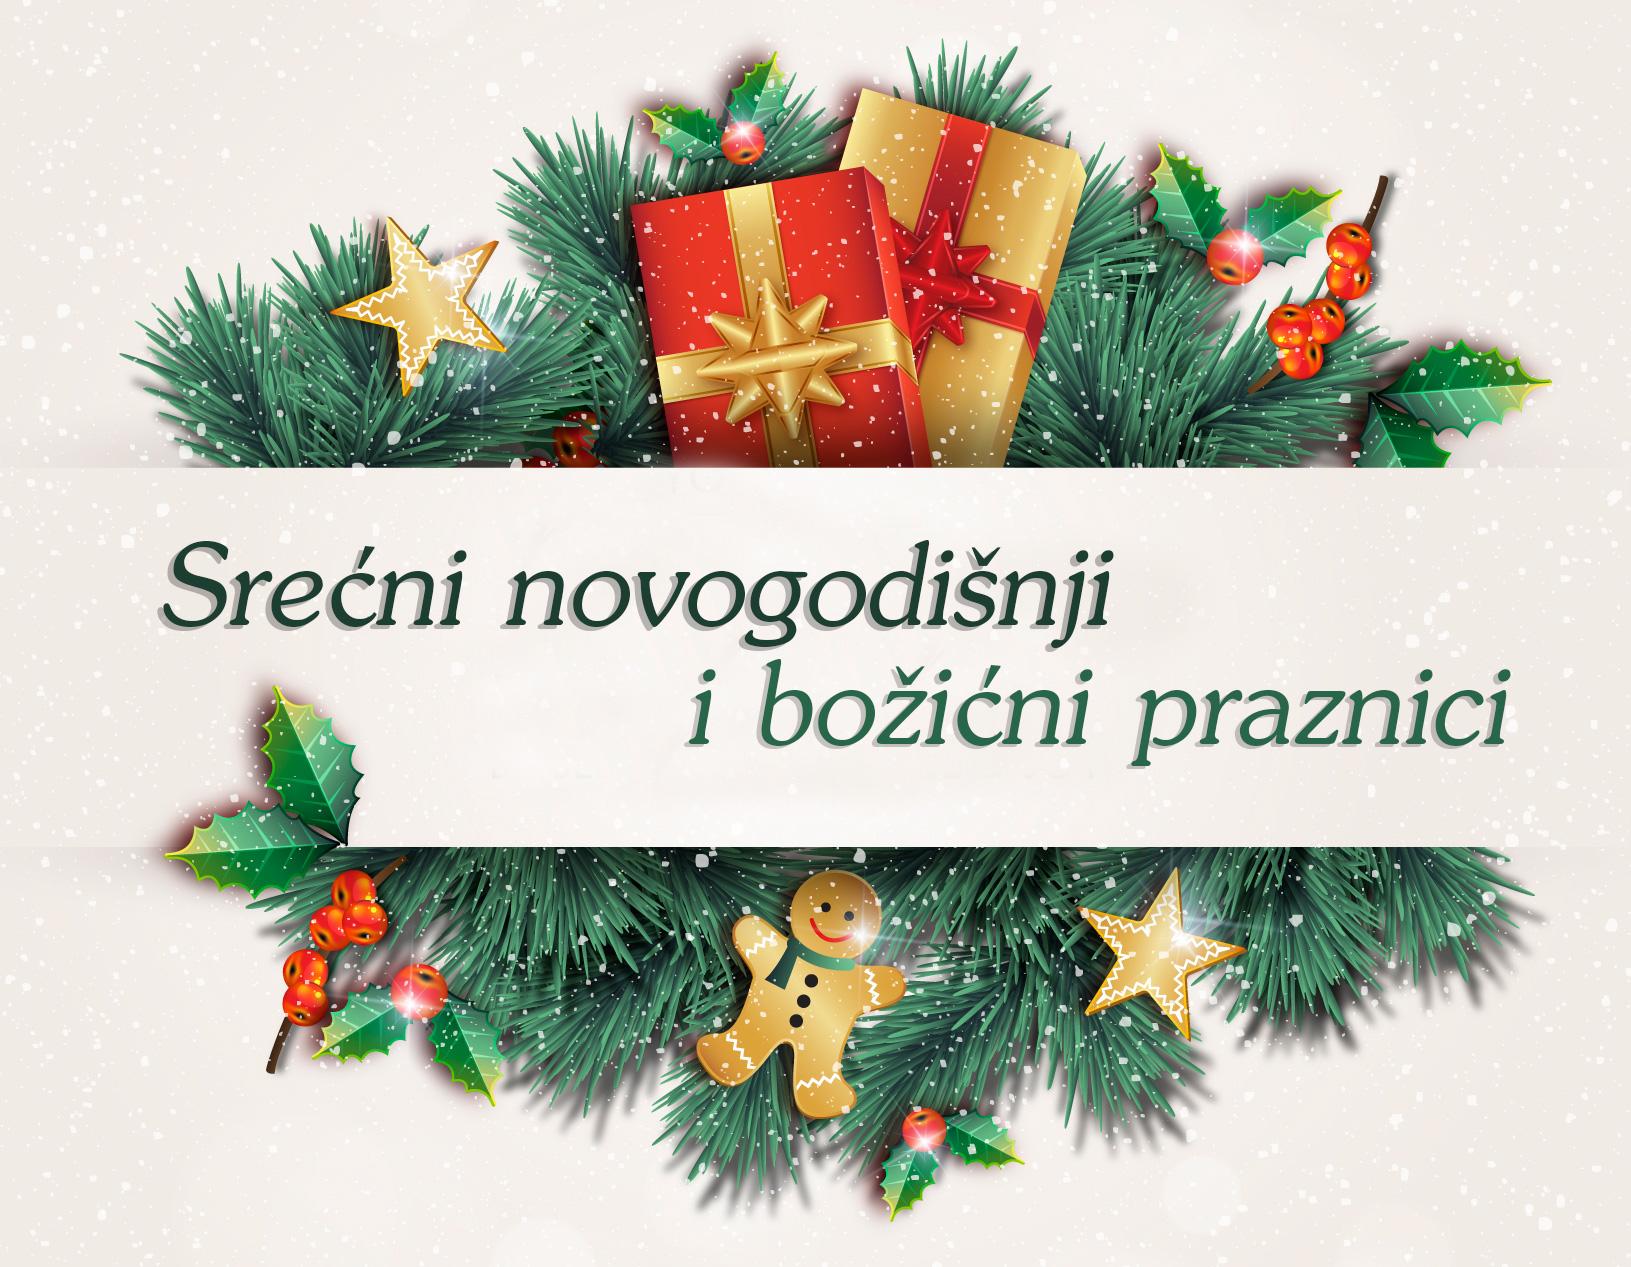 tekst za božićne i novogodišnje čestitke Novogodišnje i božićne čestitke (slike i tekst) za 2016. godinu  tekst za božićne i novogodišnje čestitke